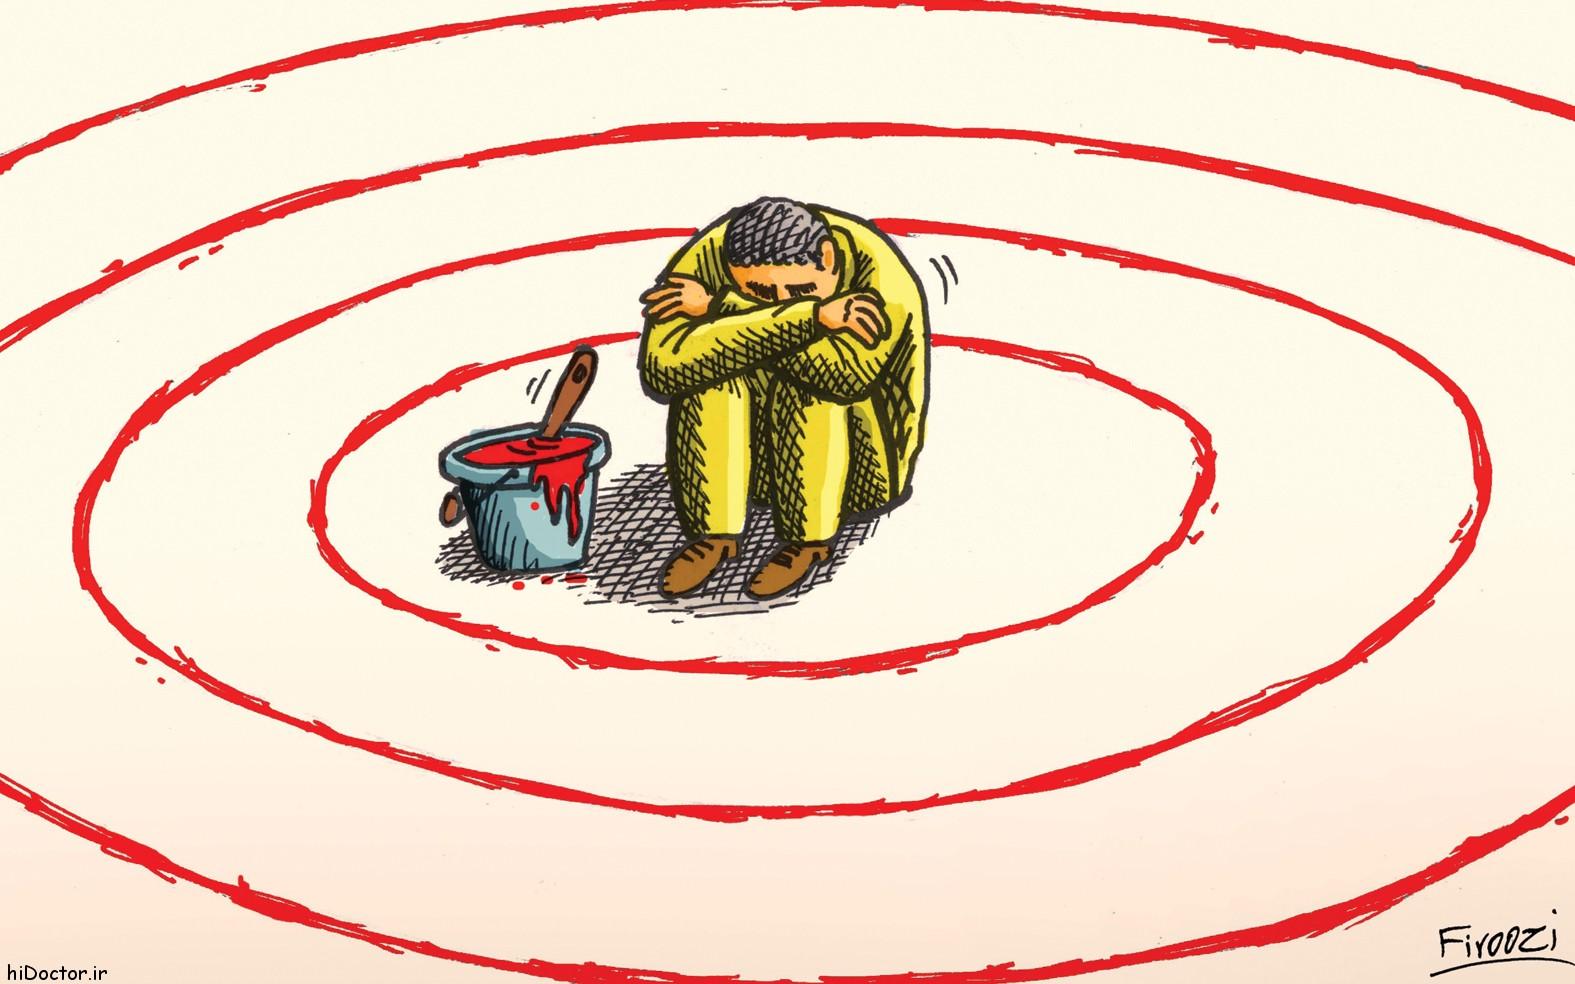 قرصهای ضد افسردگی اولین راه درمان (پس از مشاوره با روانشناس) برای افرادی است که به بیماری موذی افسردگی دچار شدهاند. سالانه حدود 50 بیلیون دلار پول تنها صرف خرید قرصهای ضد افسردگی میشود و این نشان دهنده آن است که مصرف این قرصها در سراسر دنیا و به خصوص در آمریکا بسیار بالاست.  بسیاری از پرشکان برای جلوگیری از این بیماری، مصرف این قرصها را که انواع و اقسام آنها در دسترس قرار دارند را مفید میدانند و بسیاری دیگر معتقدند که این قرصها بر اعصاب اثرهایی میگذارند که در طولانی مدت جبران ناپذیرند.  اما برای بسیاری از مردم کم تحمل، تنها راه کنترل روی احساسات در زمانهای که فشارهای مختلف و متفاوت از هر سو به انها هجوم میآورد پناه بردن به قرصهایی است که میتواند لااقل در کوتاه مدت حالشان را بهتر کند.[چطور با افسردگي مقابله كنيم؟]  افسردگی بیماری است که در هر سنی حتی 5 سالگی نیز ممکن است بروز کند و در سنین 25 تا 44 سالگی بیشترین تاثیر خود را نشان میدهد.  این بیماری شایع میتواند به شکلهای مختلف در افراد بروز کند که بدترین شکل آن همان است که به خودکشی در افراد میانجامد.  افسردگی نشانهها فیزیکی و روحی مختلفی دارد که به شکلهای زیر در افراد نمایان میشود:  احساس ناراحتی از دست دادن انگیزه بهم خوردن خواب خستگی مفرط چاقی یا لاغری ناگهانی از دست دادن امکان تفکر،تمرکز و تصمصمگیری یکباره به گریه افتادن بدون توضیح مشخص  این نشانهها ممکن است علائم بیماریهای دیگری همچون بیقراری، دیابت و مشکلات قلبی هم باشند و از آنجایی که برای تشخیص بیماری افسردگی هیچ آزمایش خونی نمیتوان انجام داد در نهایت میتوان گفت فردی که این نشانهها را دارد اگر به بیماریهای فوق مبتلا نیست مطمئنا افسردگی دارد.  علت افسردگی چیست؟  برای بیماری افسردگی هیچ علت یگانه و روشنی نمیتوان متصور بود. بعضی از عوامل زیستشناختی مثل بیماریهای جسمی، اختلالات هورمونی، یا بعضی داروها میتوانند نقش داشته باشند. عوامل اجتماعی و روانی نیز میتوانند نقش داشته باشند و اختلالات ارثیهم میتوانند مؤثر باشند.  اما عوامل تشدید کننده این بیماری ،عصبانیت یا احساس دیگری که فرو خورده شده باشد،داشتن شخصیتی وسواسی، منظم و جدی، تکاملگرا، یا شدیداً وابسته ،سابقه خانوادگی افسردگی،مرگ یا فقدان یکی از عزیزان و یا حتی گذر از یک مرحله از زندگی به مرحلهای دیگر، مثلاً یائس